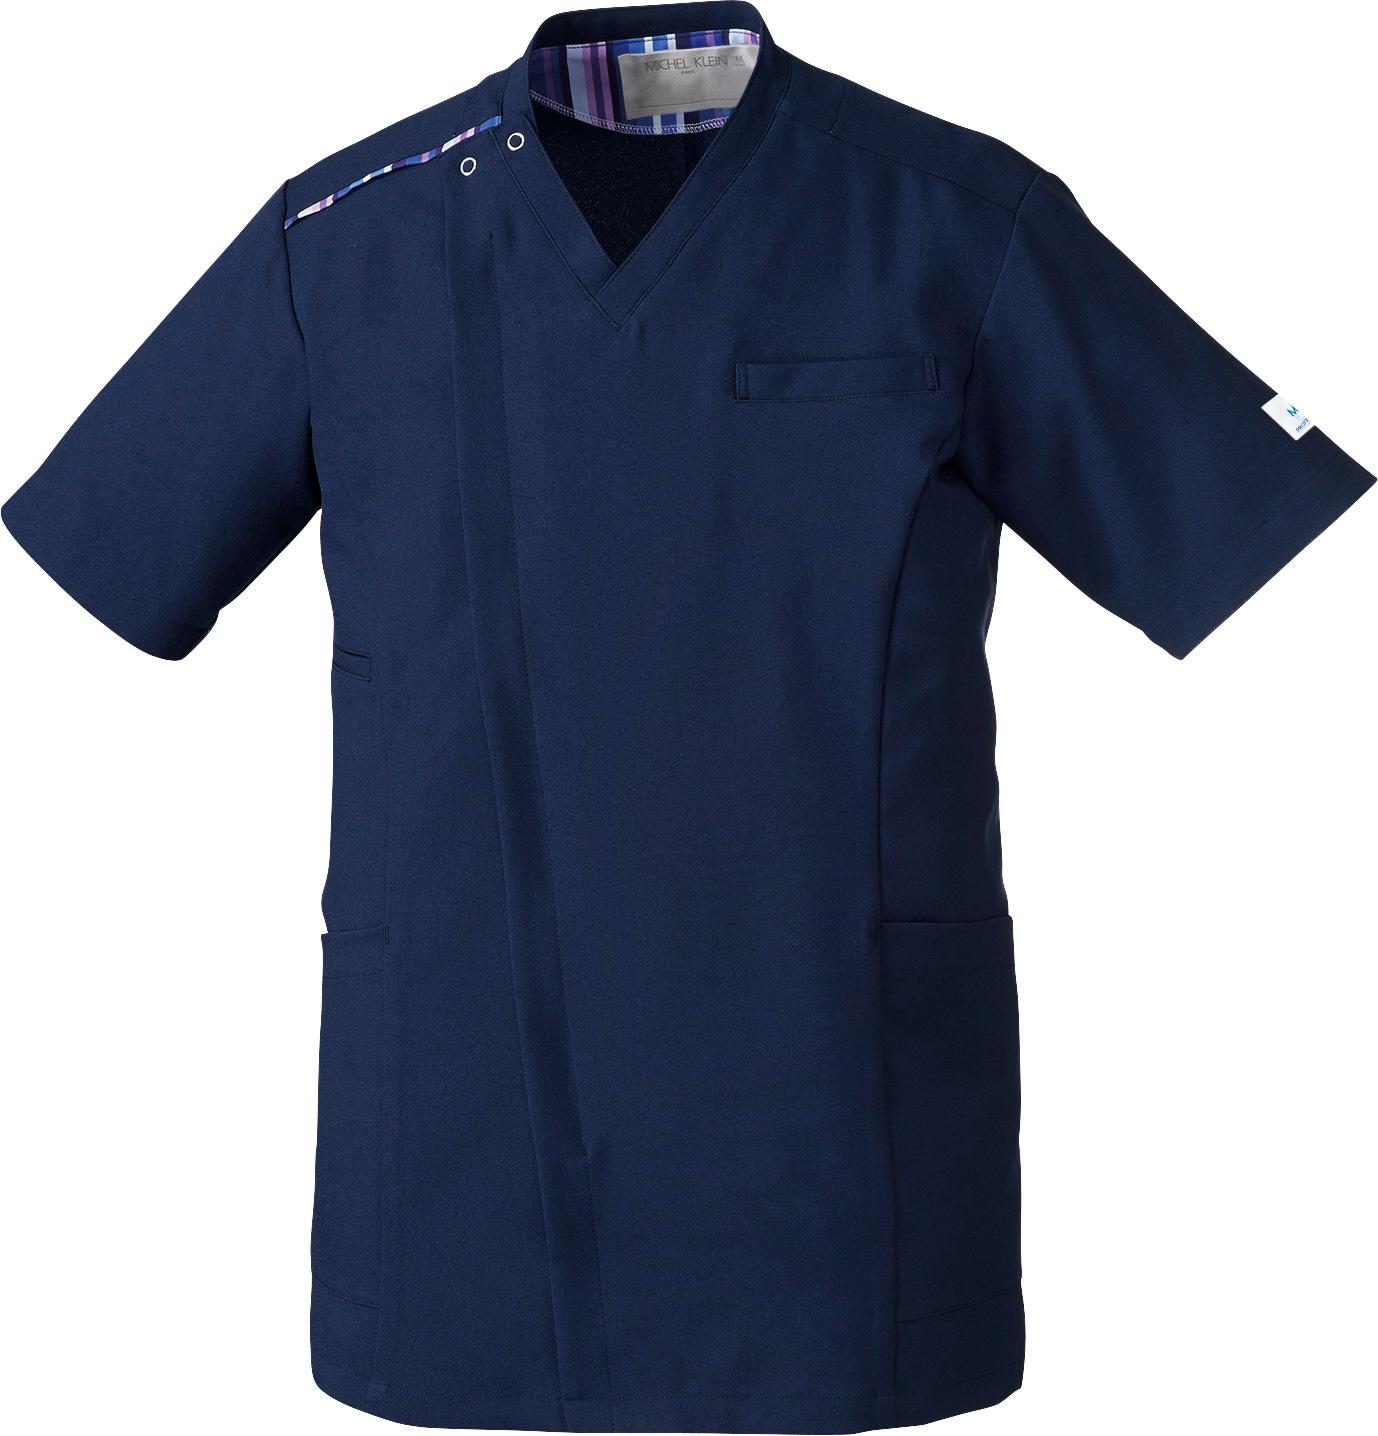 ミッシェルクラン メンズファスナースクラブ販売。刺繍、プリント加工対応します。研修医、医療チームウェアに人気